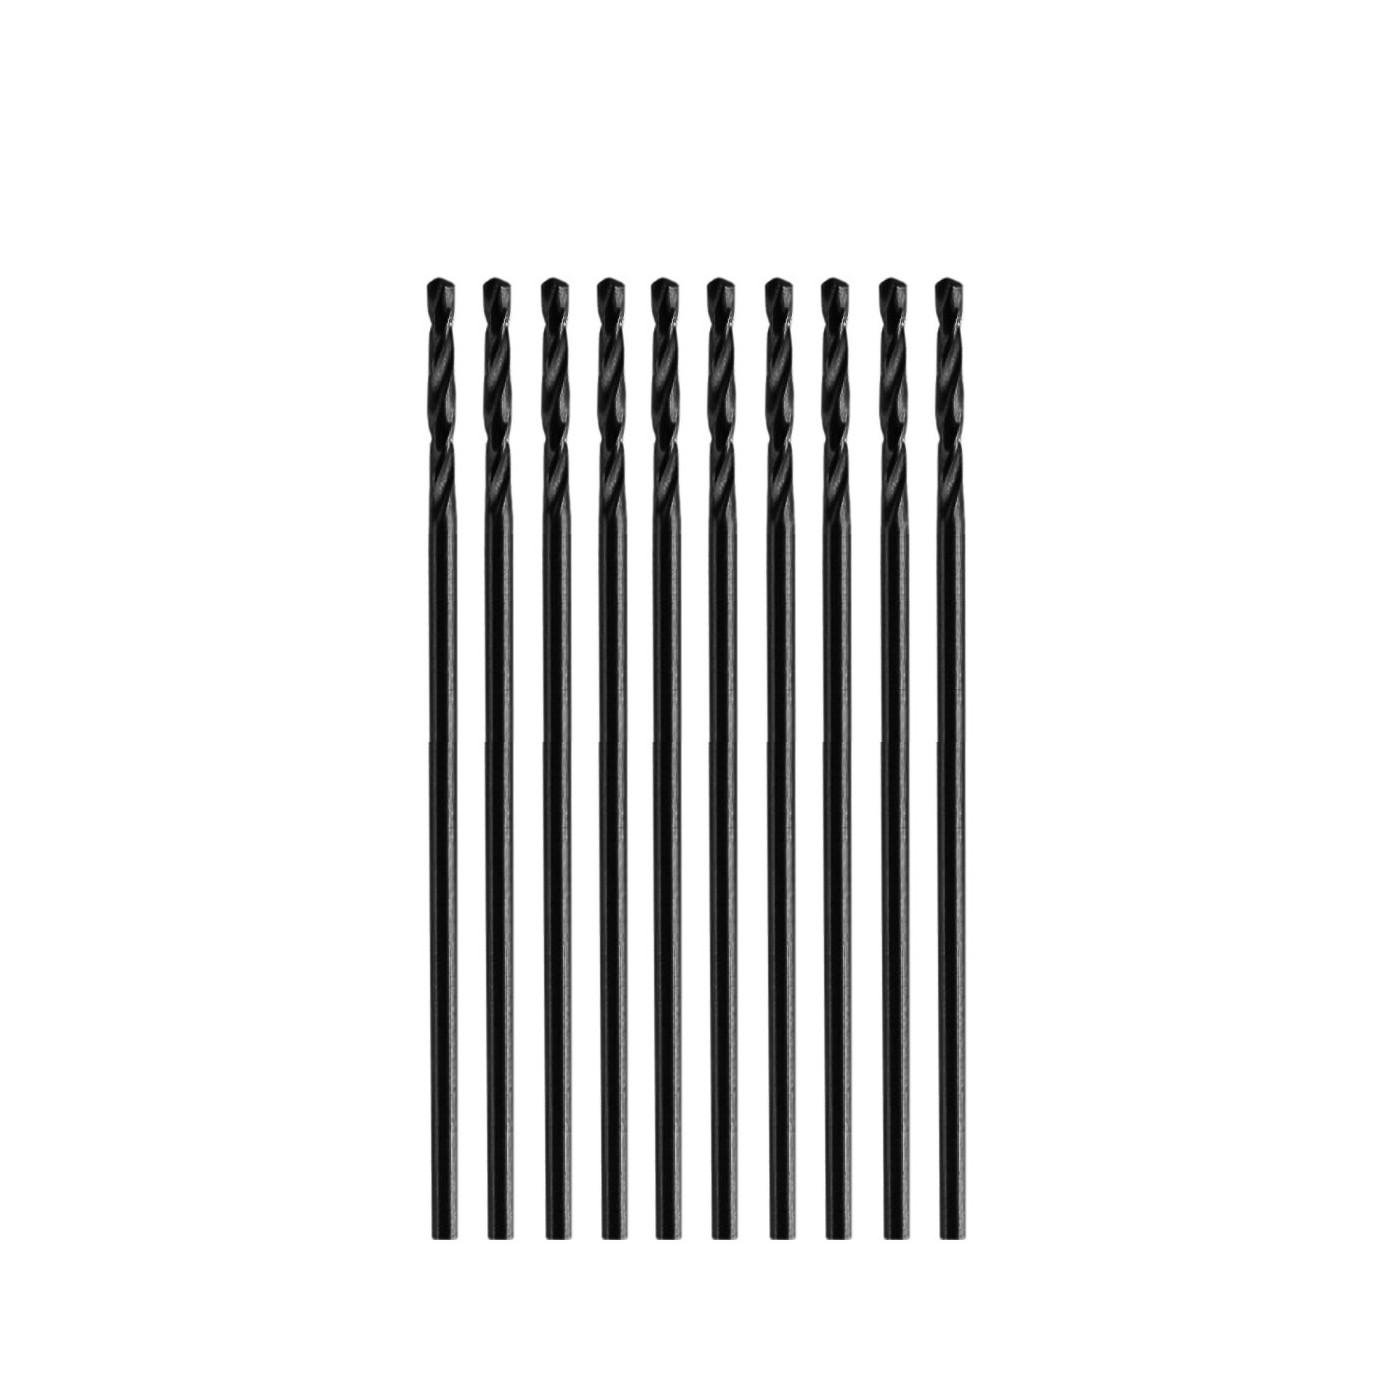 Set of 10 small metal drill bits (1.7x43 mm, HSS)  - 1